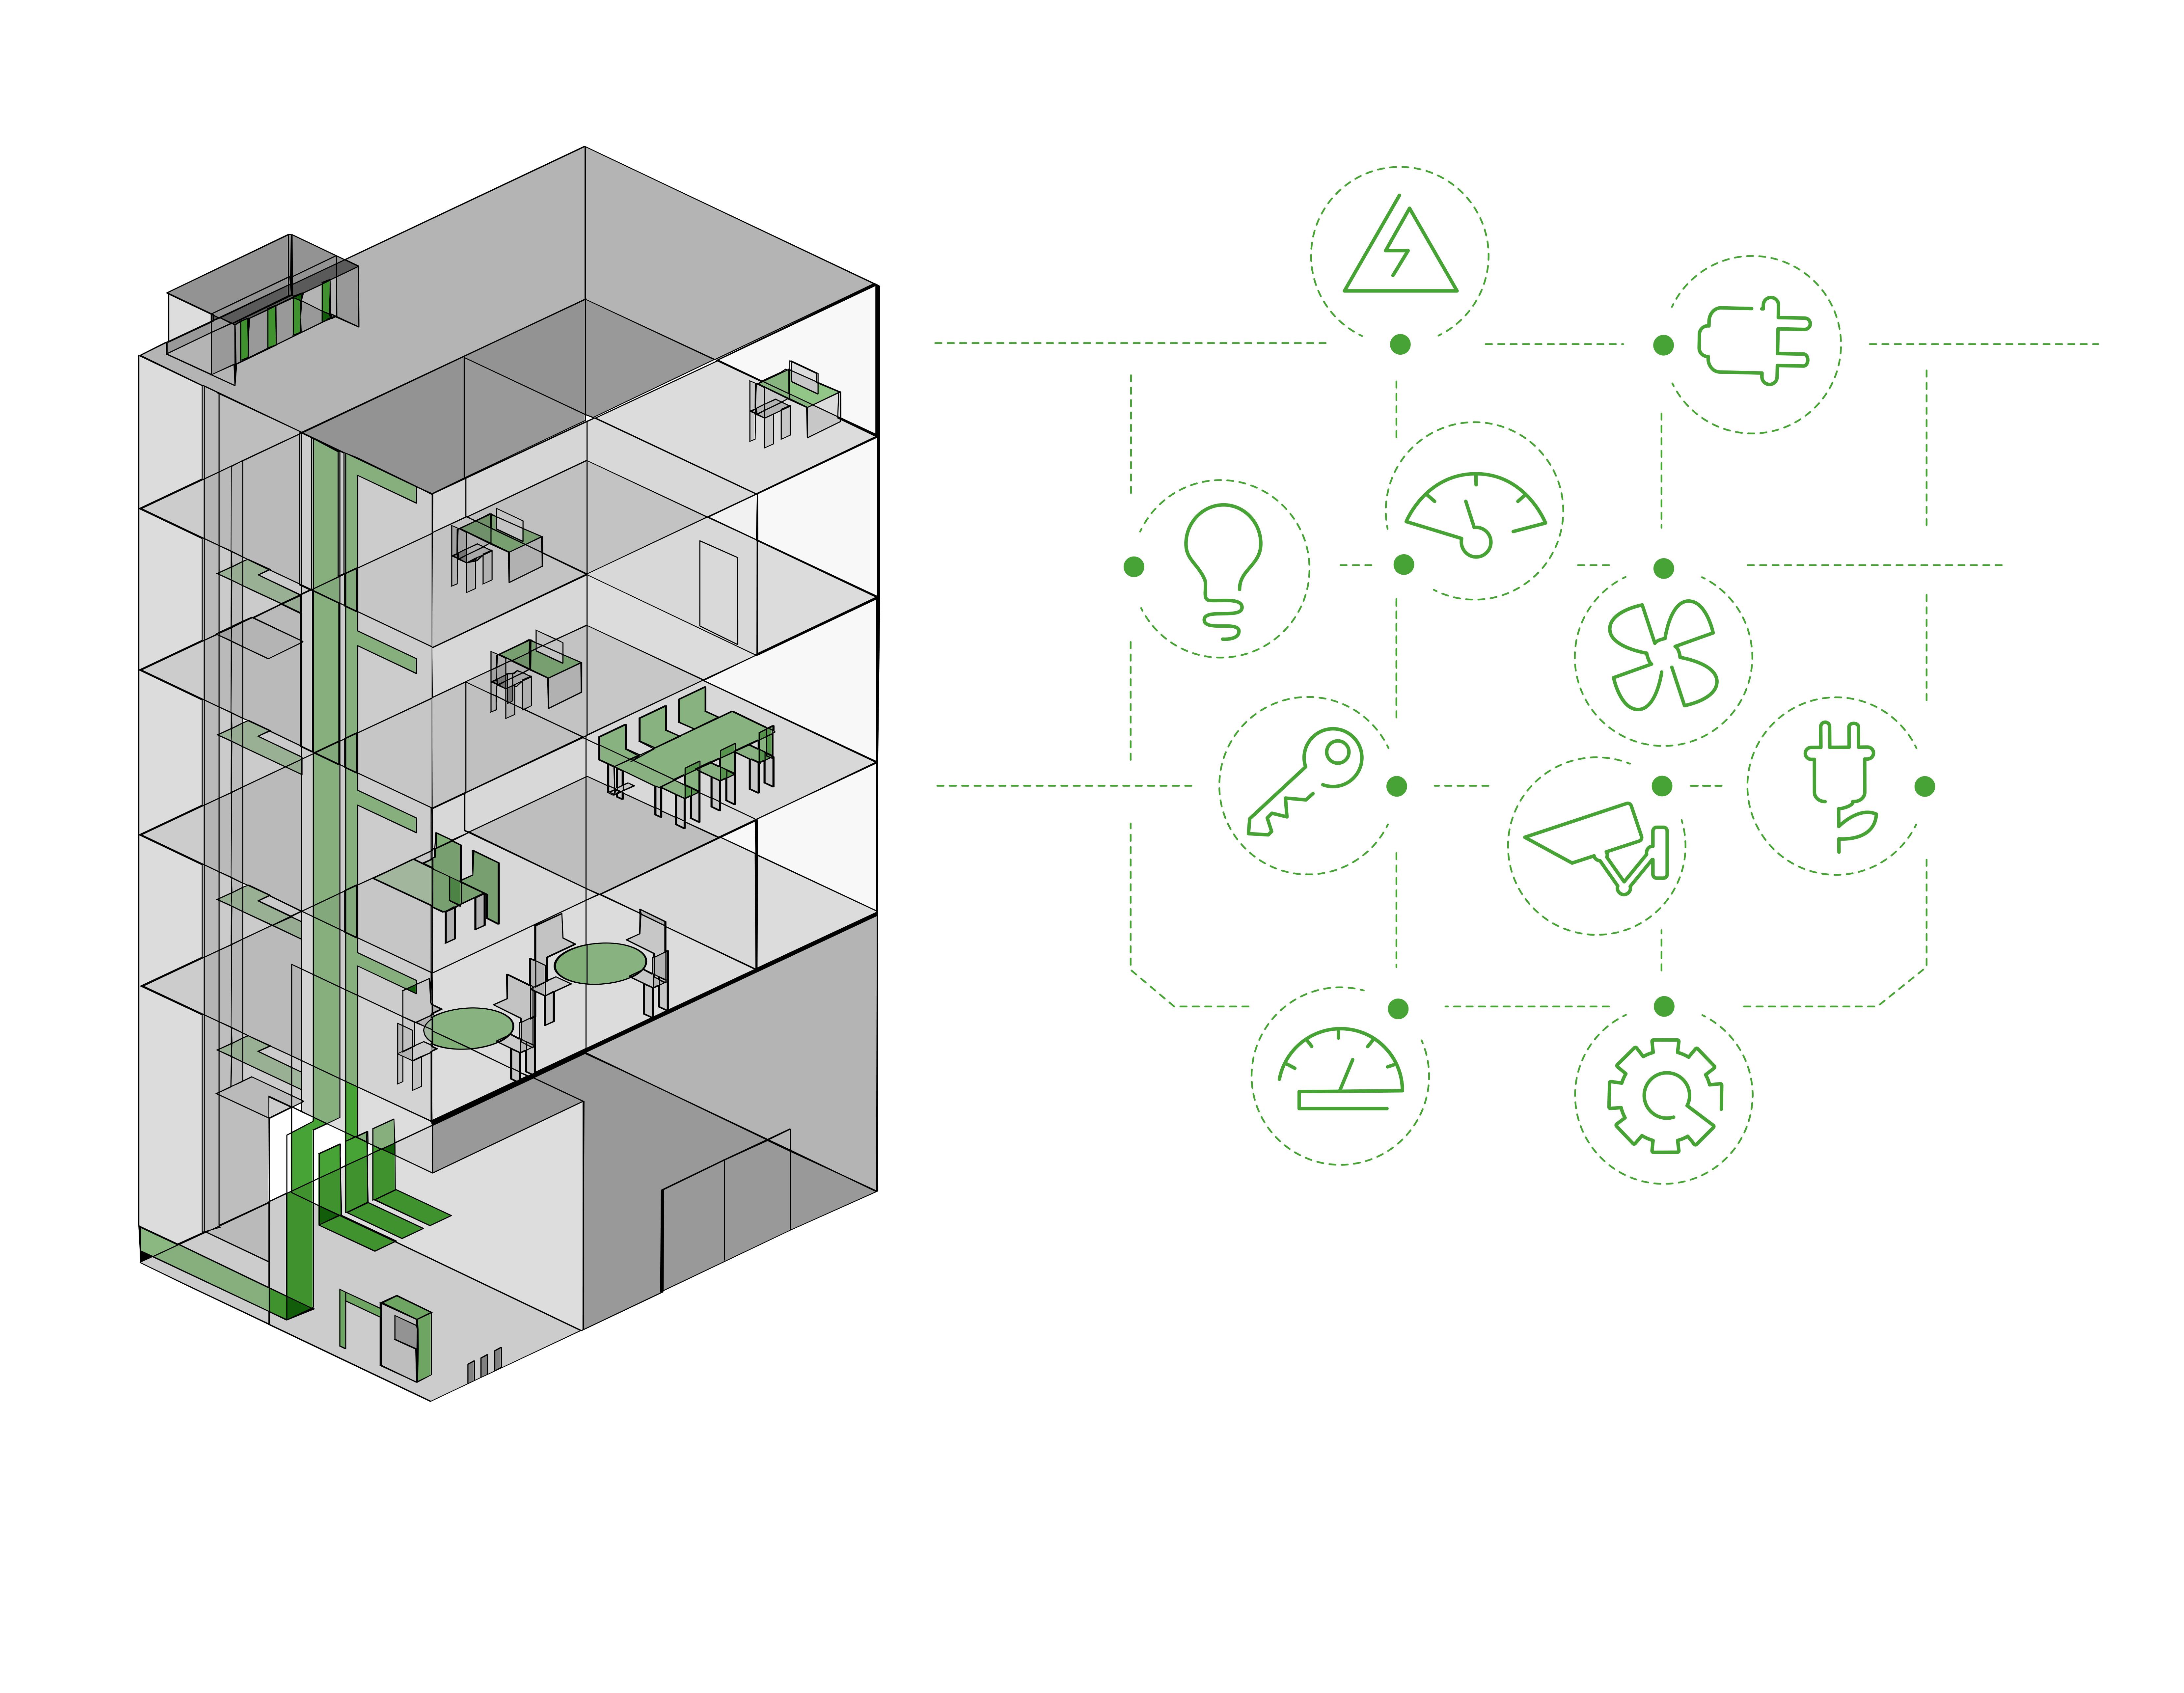 ビルエネルギー管理システム (FITBEMS)